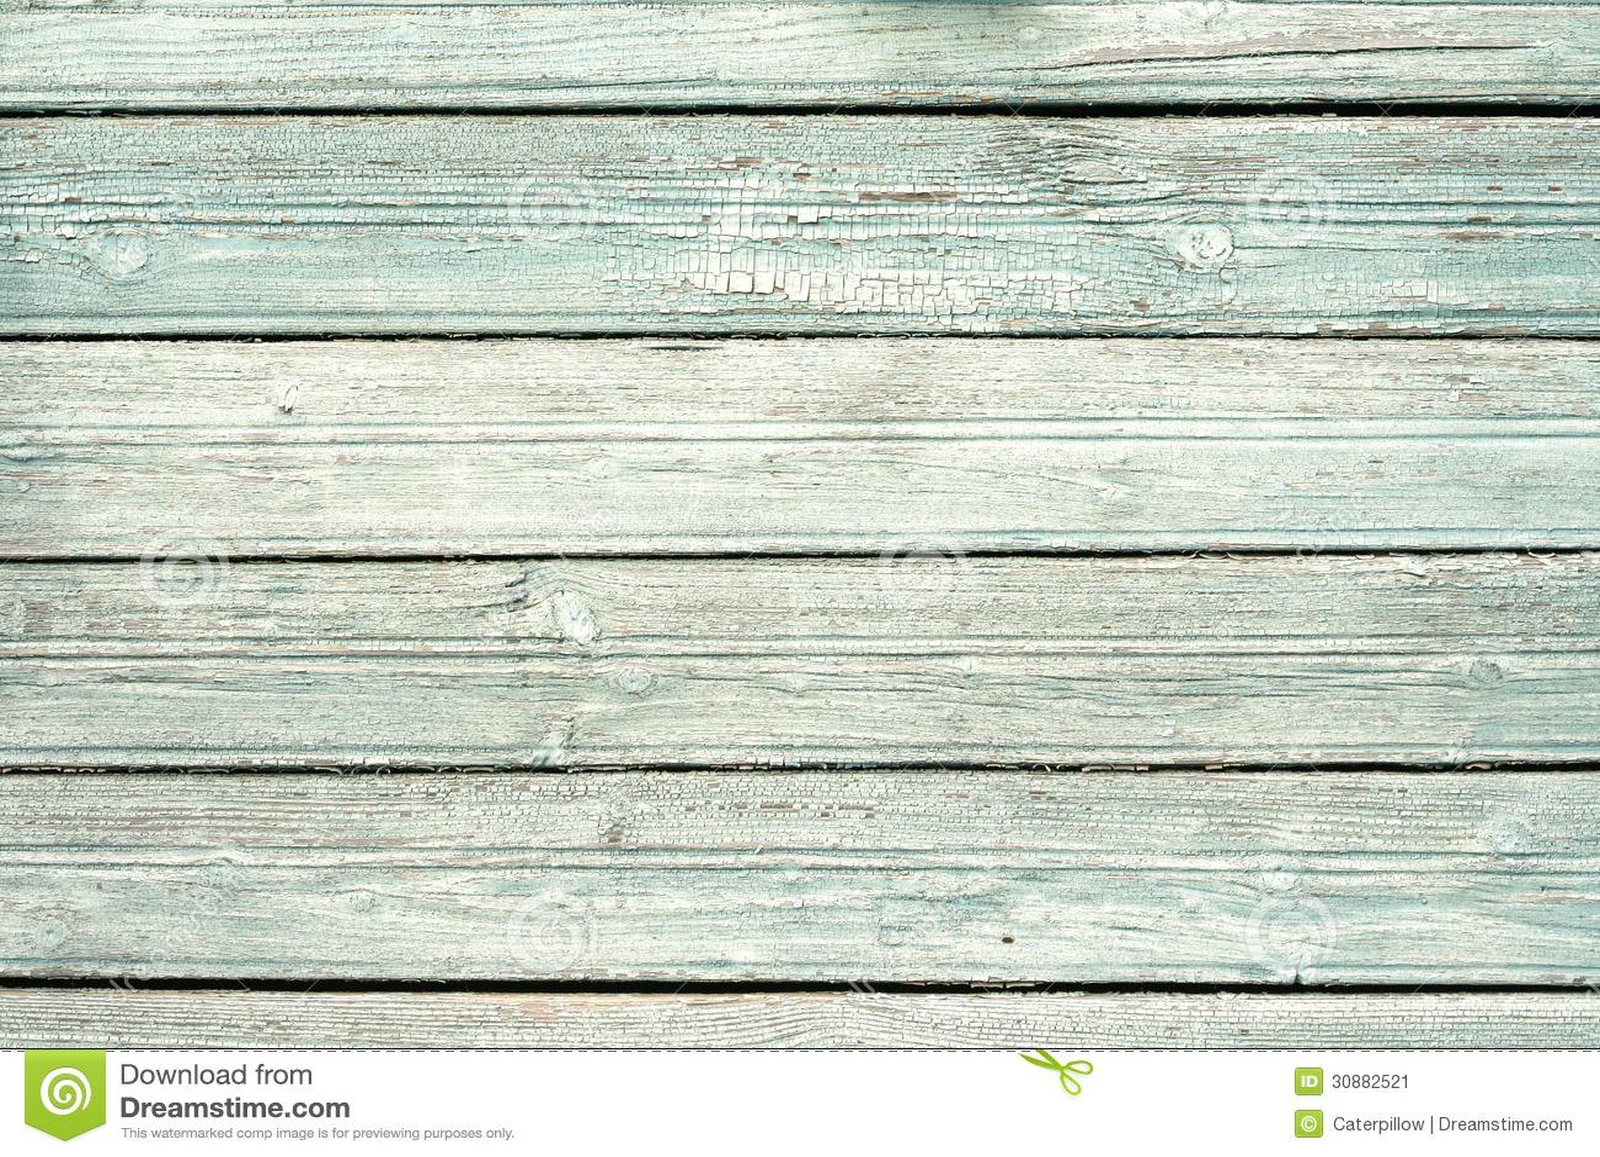 Shabby Wood Background Stock Image Image 30882521